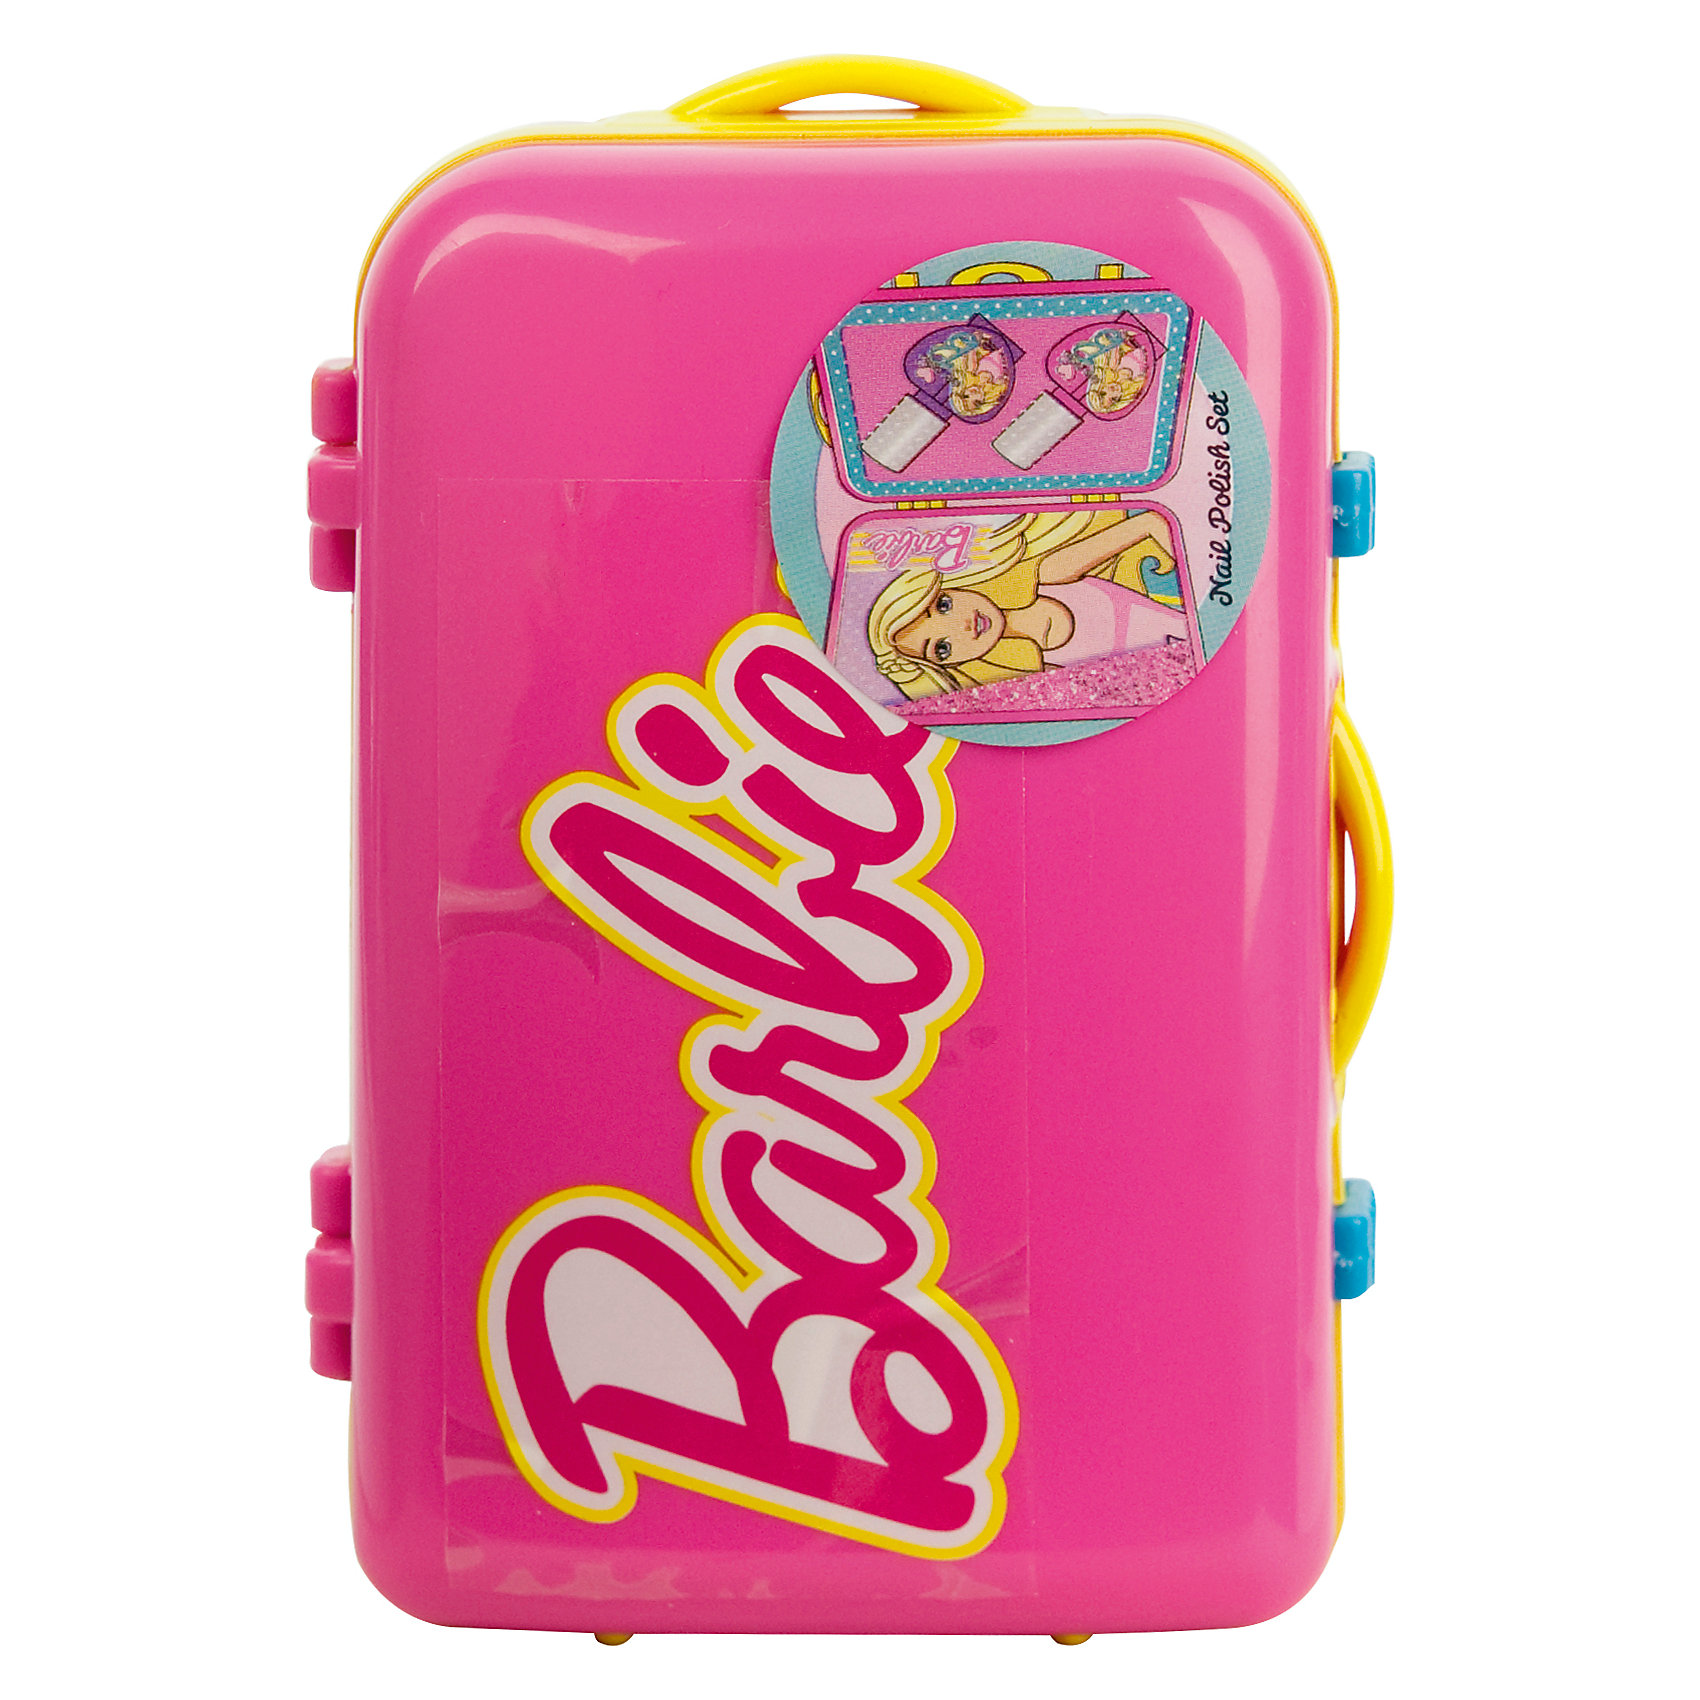 Набор косметики для ногтей Barbie в чемоданчике, розовыйНаборы детской косметики<br>Характеристики:<br><br>• Наименование: детская декоративная косметика<br>• Предназначение: для сюжетно-ролевых игр<br>• Серия: Barbie<br>• Пол: для девочки<br>• Материал: натуральные косметические компоненты, пластик<br>• Цвет: в ассортименте<br>• Комплектация: 2 лака для ногтей<br>• Размеры (Д*Ш*В): 11*7*5 см<br>• Вес: 90 г <br>• Упаковка: пластиковый чемоданчик с ручками<br><br>Игровой набор детской декоративной косметики в розовом чемоданчике, Barbie – это набор игровой детской косметики от Markwins, которая вот уже несколько десятилетий специализируется на выпуске детской косметики. Рецептура декоративной детской косметики разработана совместно с косметологами и медиками, в основе рецептуры – водная основа, а потому она гипоаллергенны, не вызывает раздражений на детской коже и легко смывается, не оставляя следа. Безопасность продукции подтверждена международными сертификатами качества и безопасности. <br>Игровой набор детской декоративной косметики состоит из двух оттенков лака для ногтей на водной основе. Косметические средства, входящие в состав набора, имеют длительный срок хранения – 12 месяцев. Набор выполнен в брендовом дизайне популярной серии Barbie, упакован в шкатулку в виде дорожного чемодана. Игровой набор детской декоративной косметики от Markwins может стать незаменимым праздничным подарком для любой маленькой модницы!<br><br>Игровой набор детской декоративной косметики в розовом чемоданчике, Barbie можно купить в нашем интернет-магазине.<br><br>Ширина мм: 32<br>Глубина мм: 95<br>Высота мм: 63<br>Вес г: 110<br>Возраст от месяцев: 48<br>Возраст до месяцев: 120<br>Пол: Женский<br>Возраст: Детский<br>SKU: 5124698